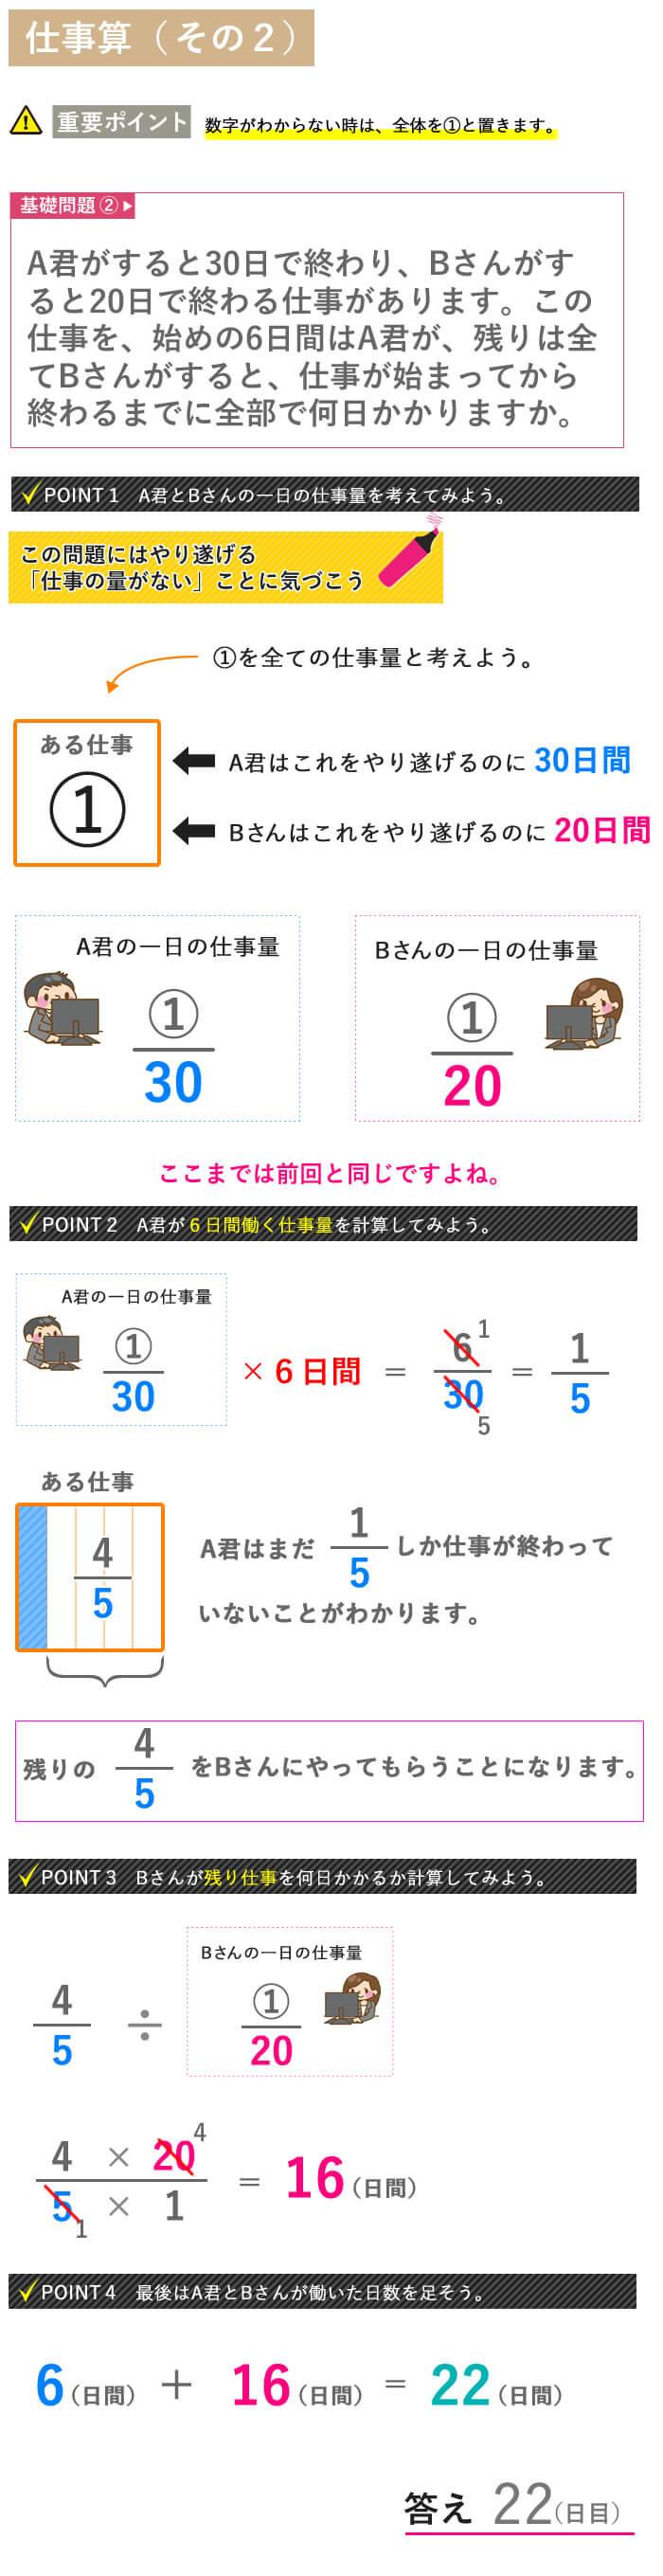 看護予備校大阪KAZアカデミーの看護数学【仕事算 図解説明その2】